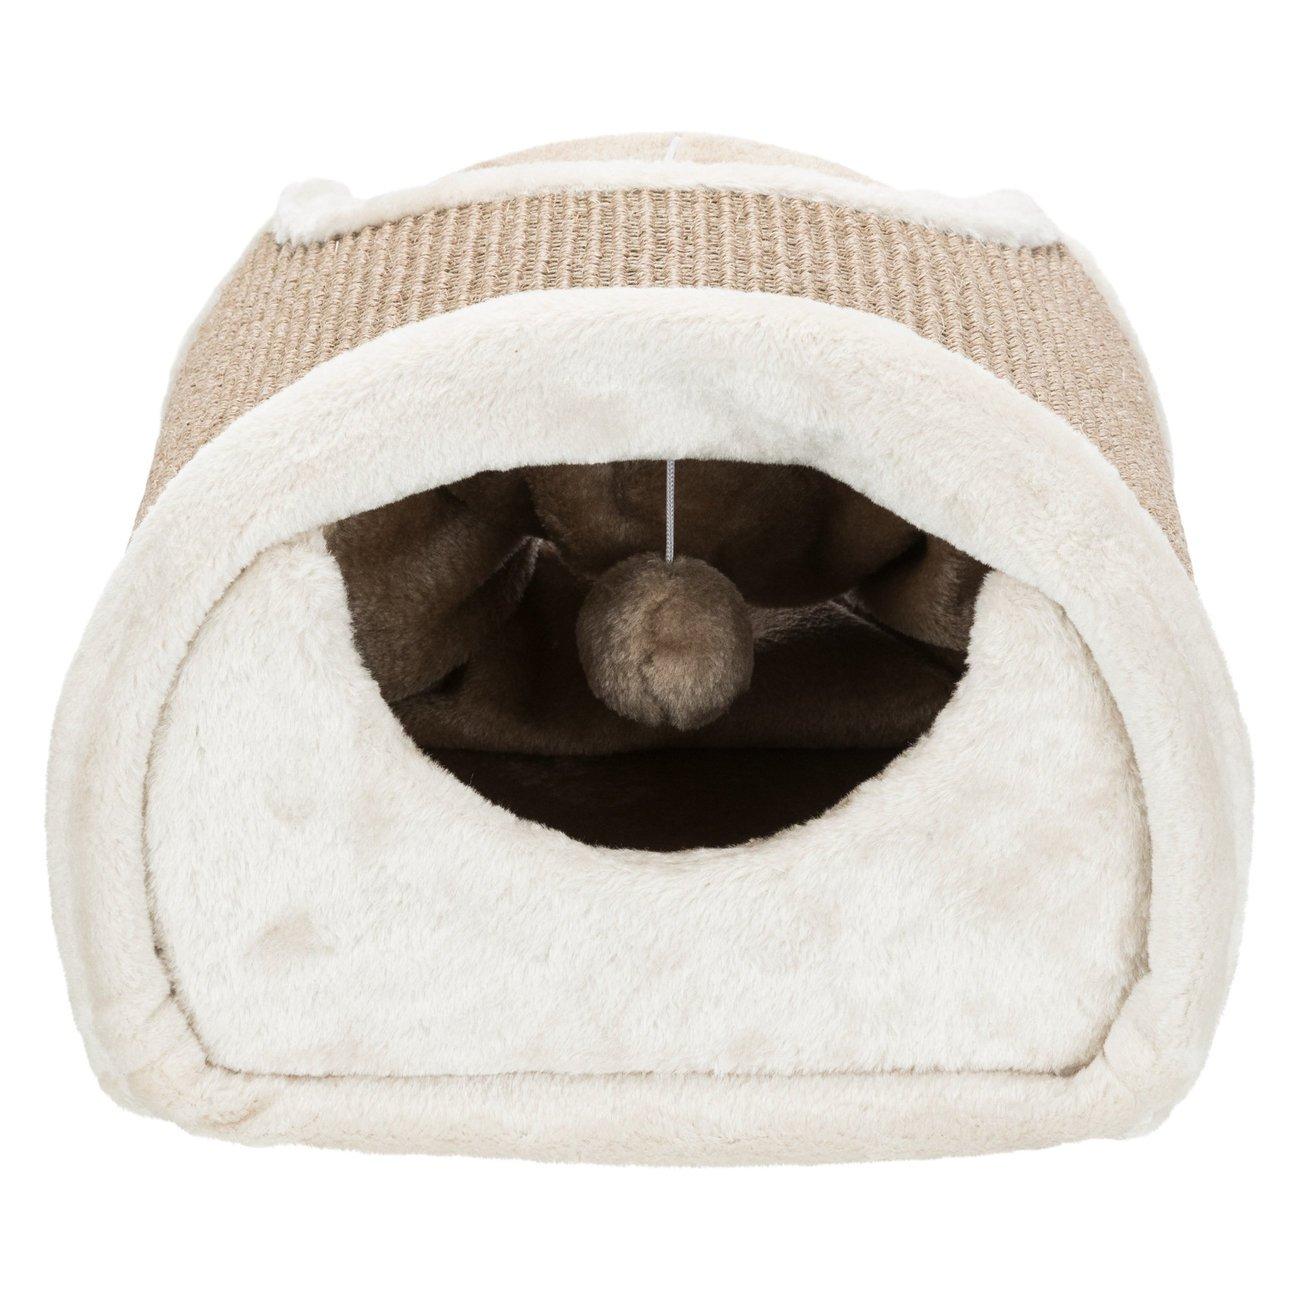 TRIXIE Kratztunnel für Katzen mit Plüsch Bezug 43004, Bild 7